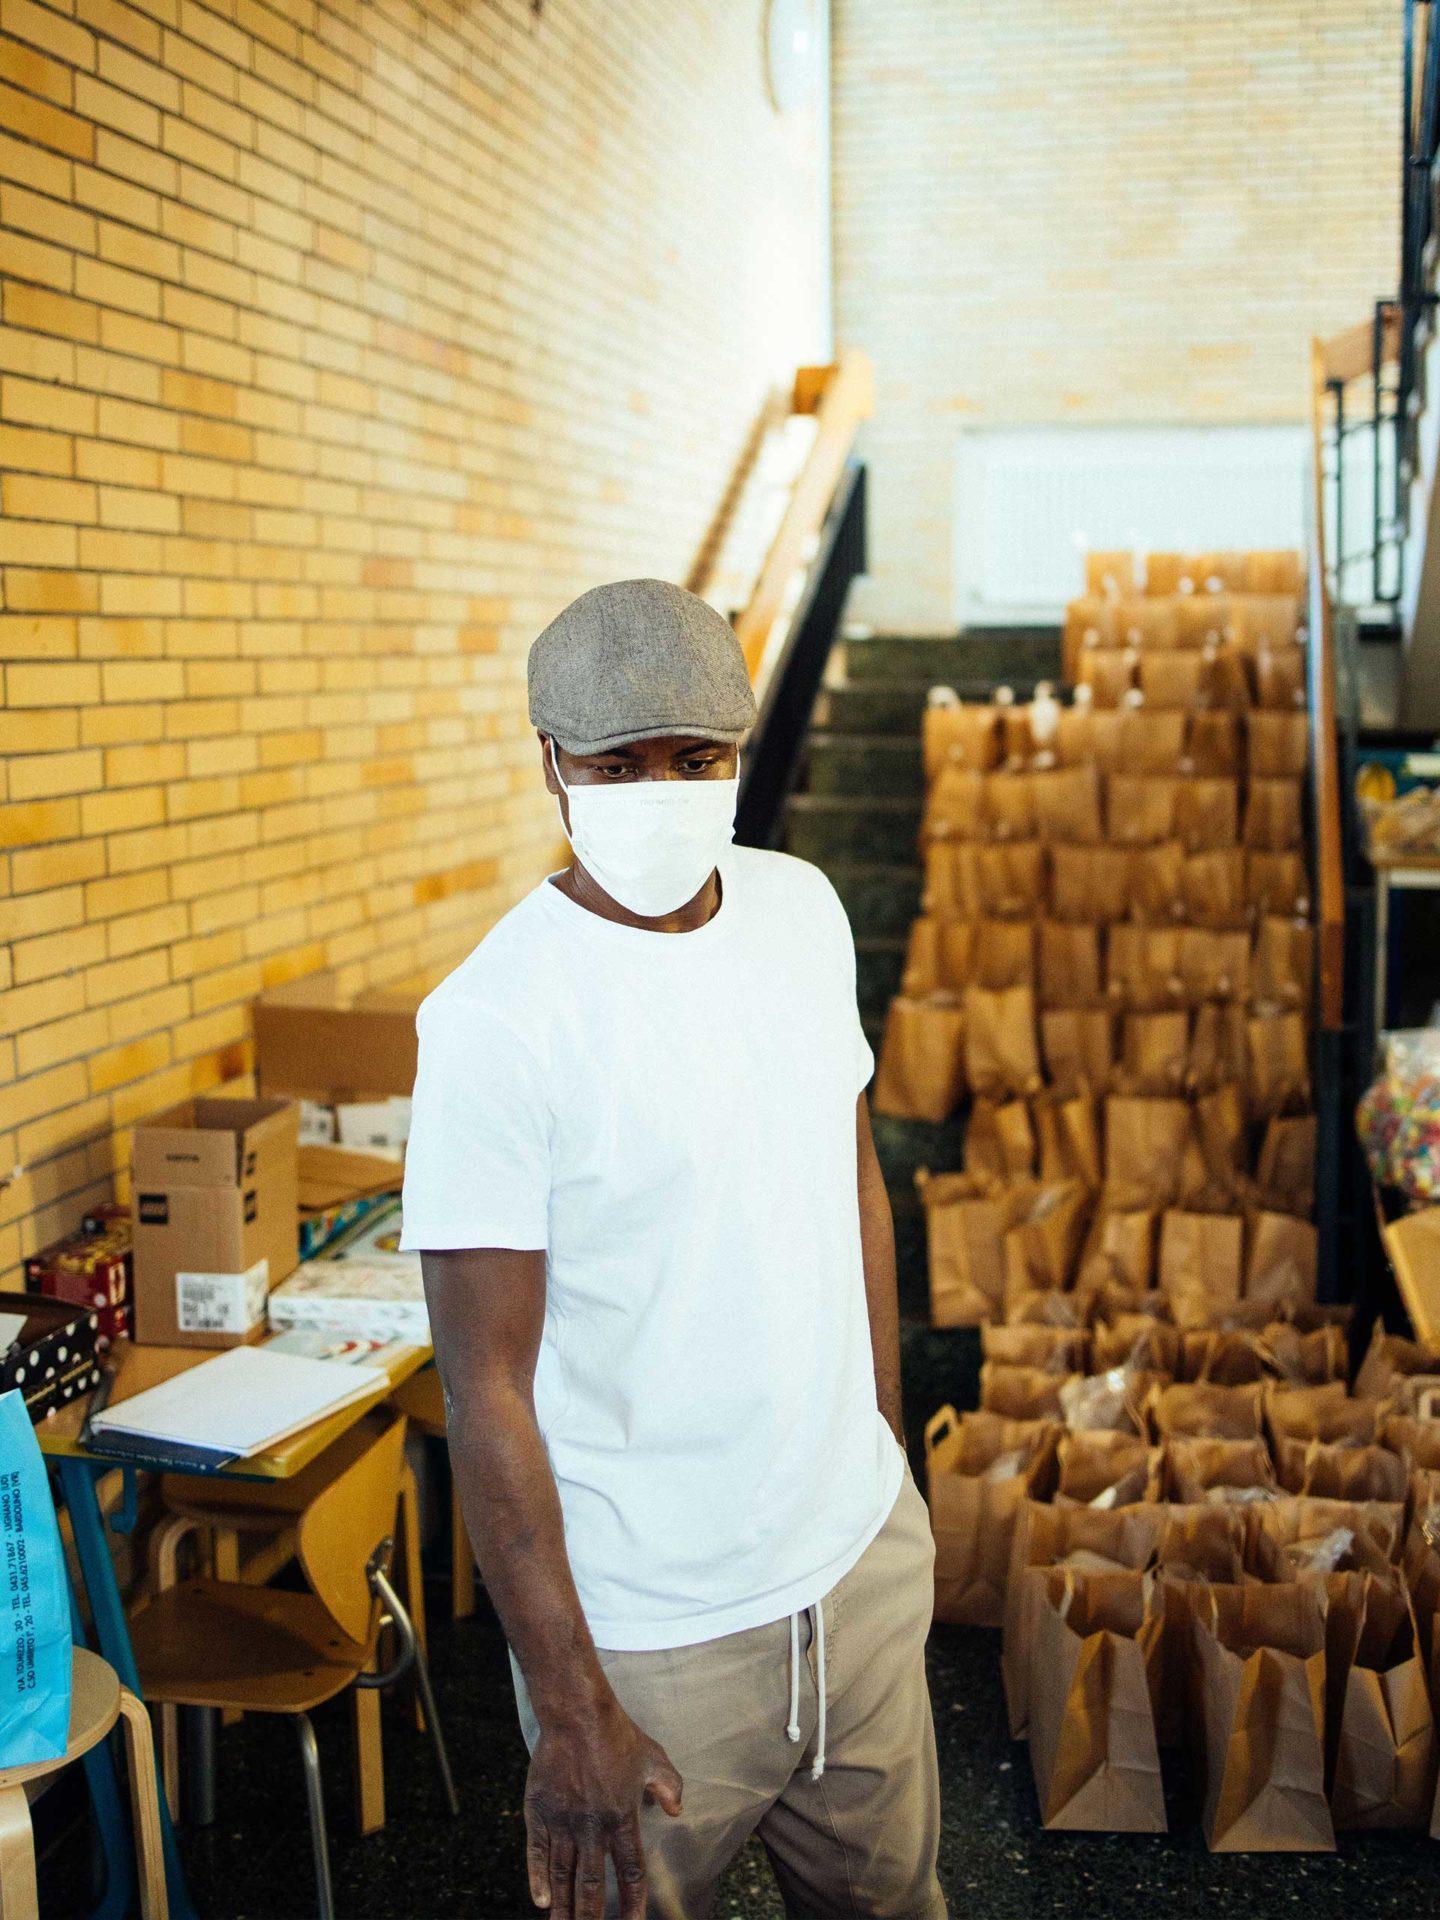 Aktion Mahlzeit Backen. Daph stellt die fertigen Backmischungen für die Kinder zusammen.